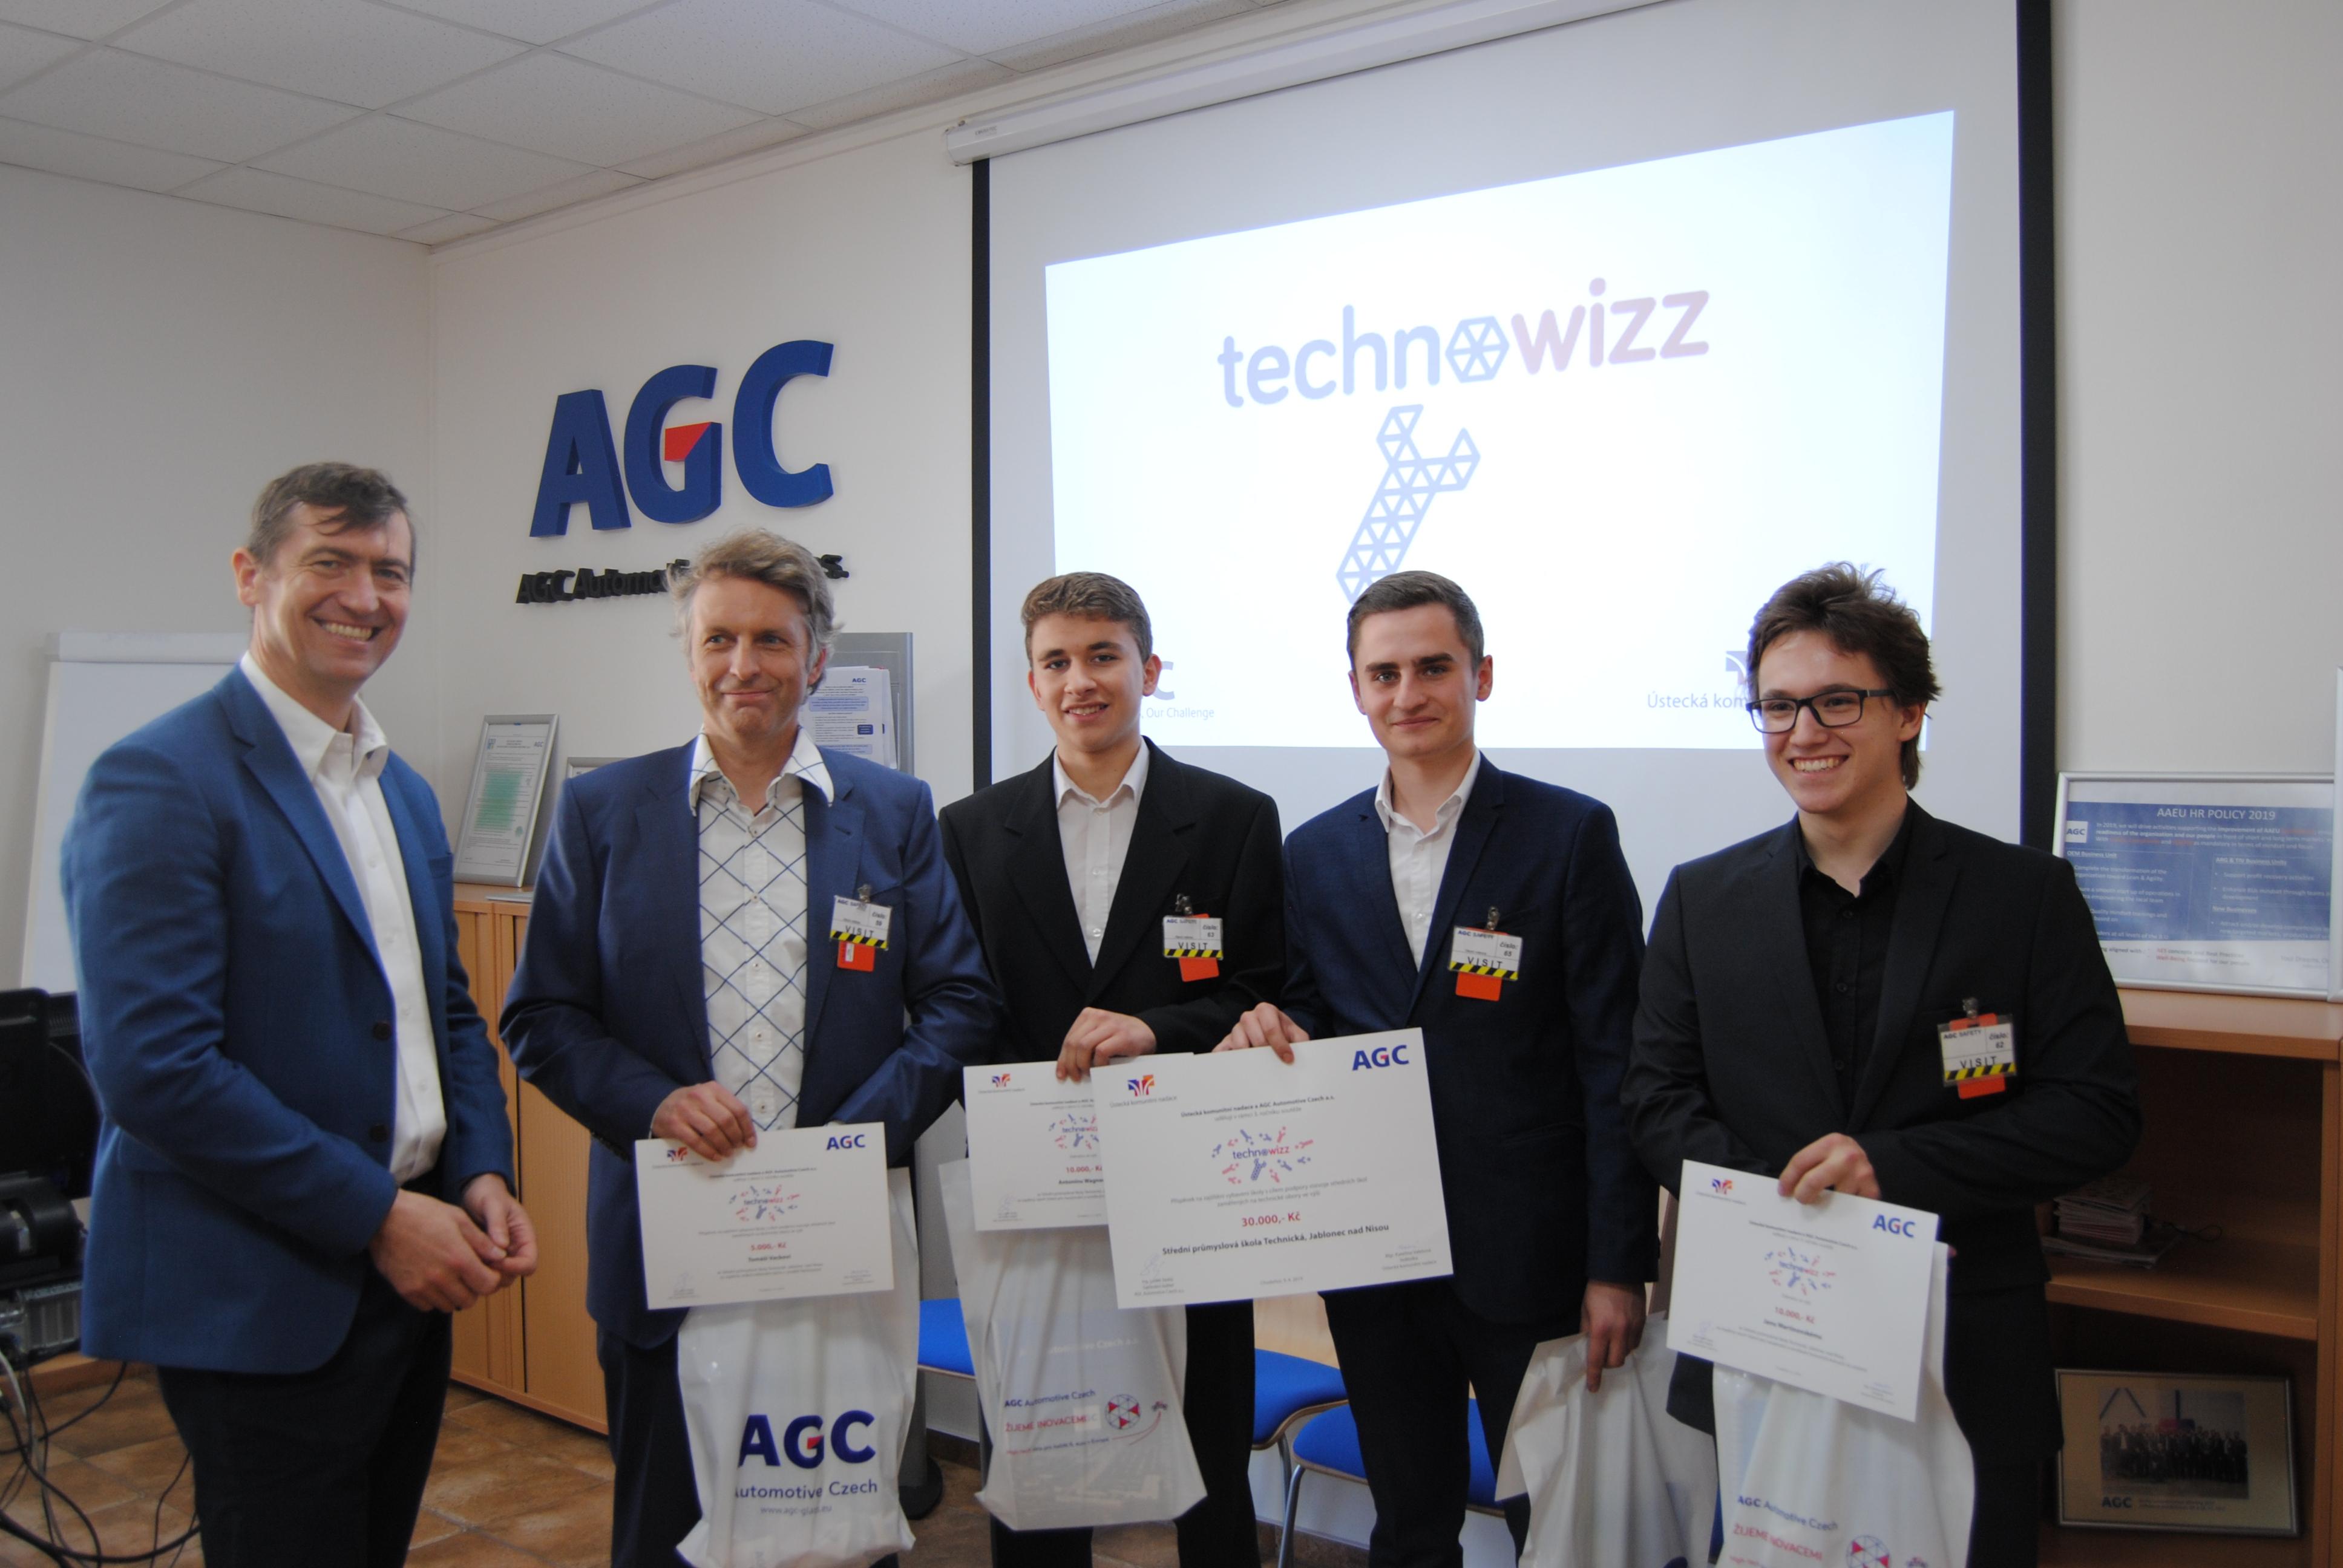 Vítězství v soutěži Technowizz si odvezli studenti z Jablonce